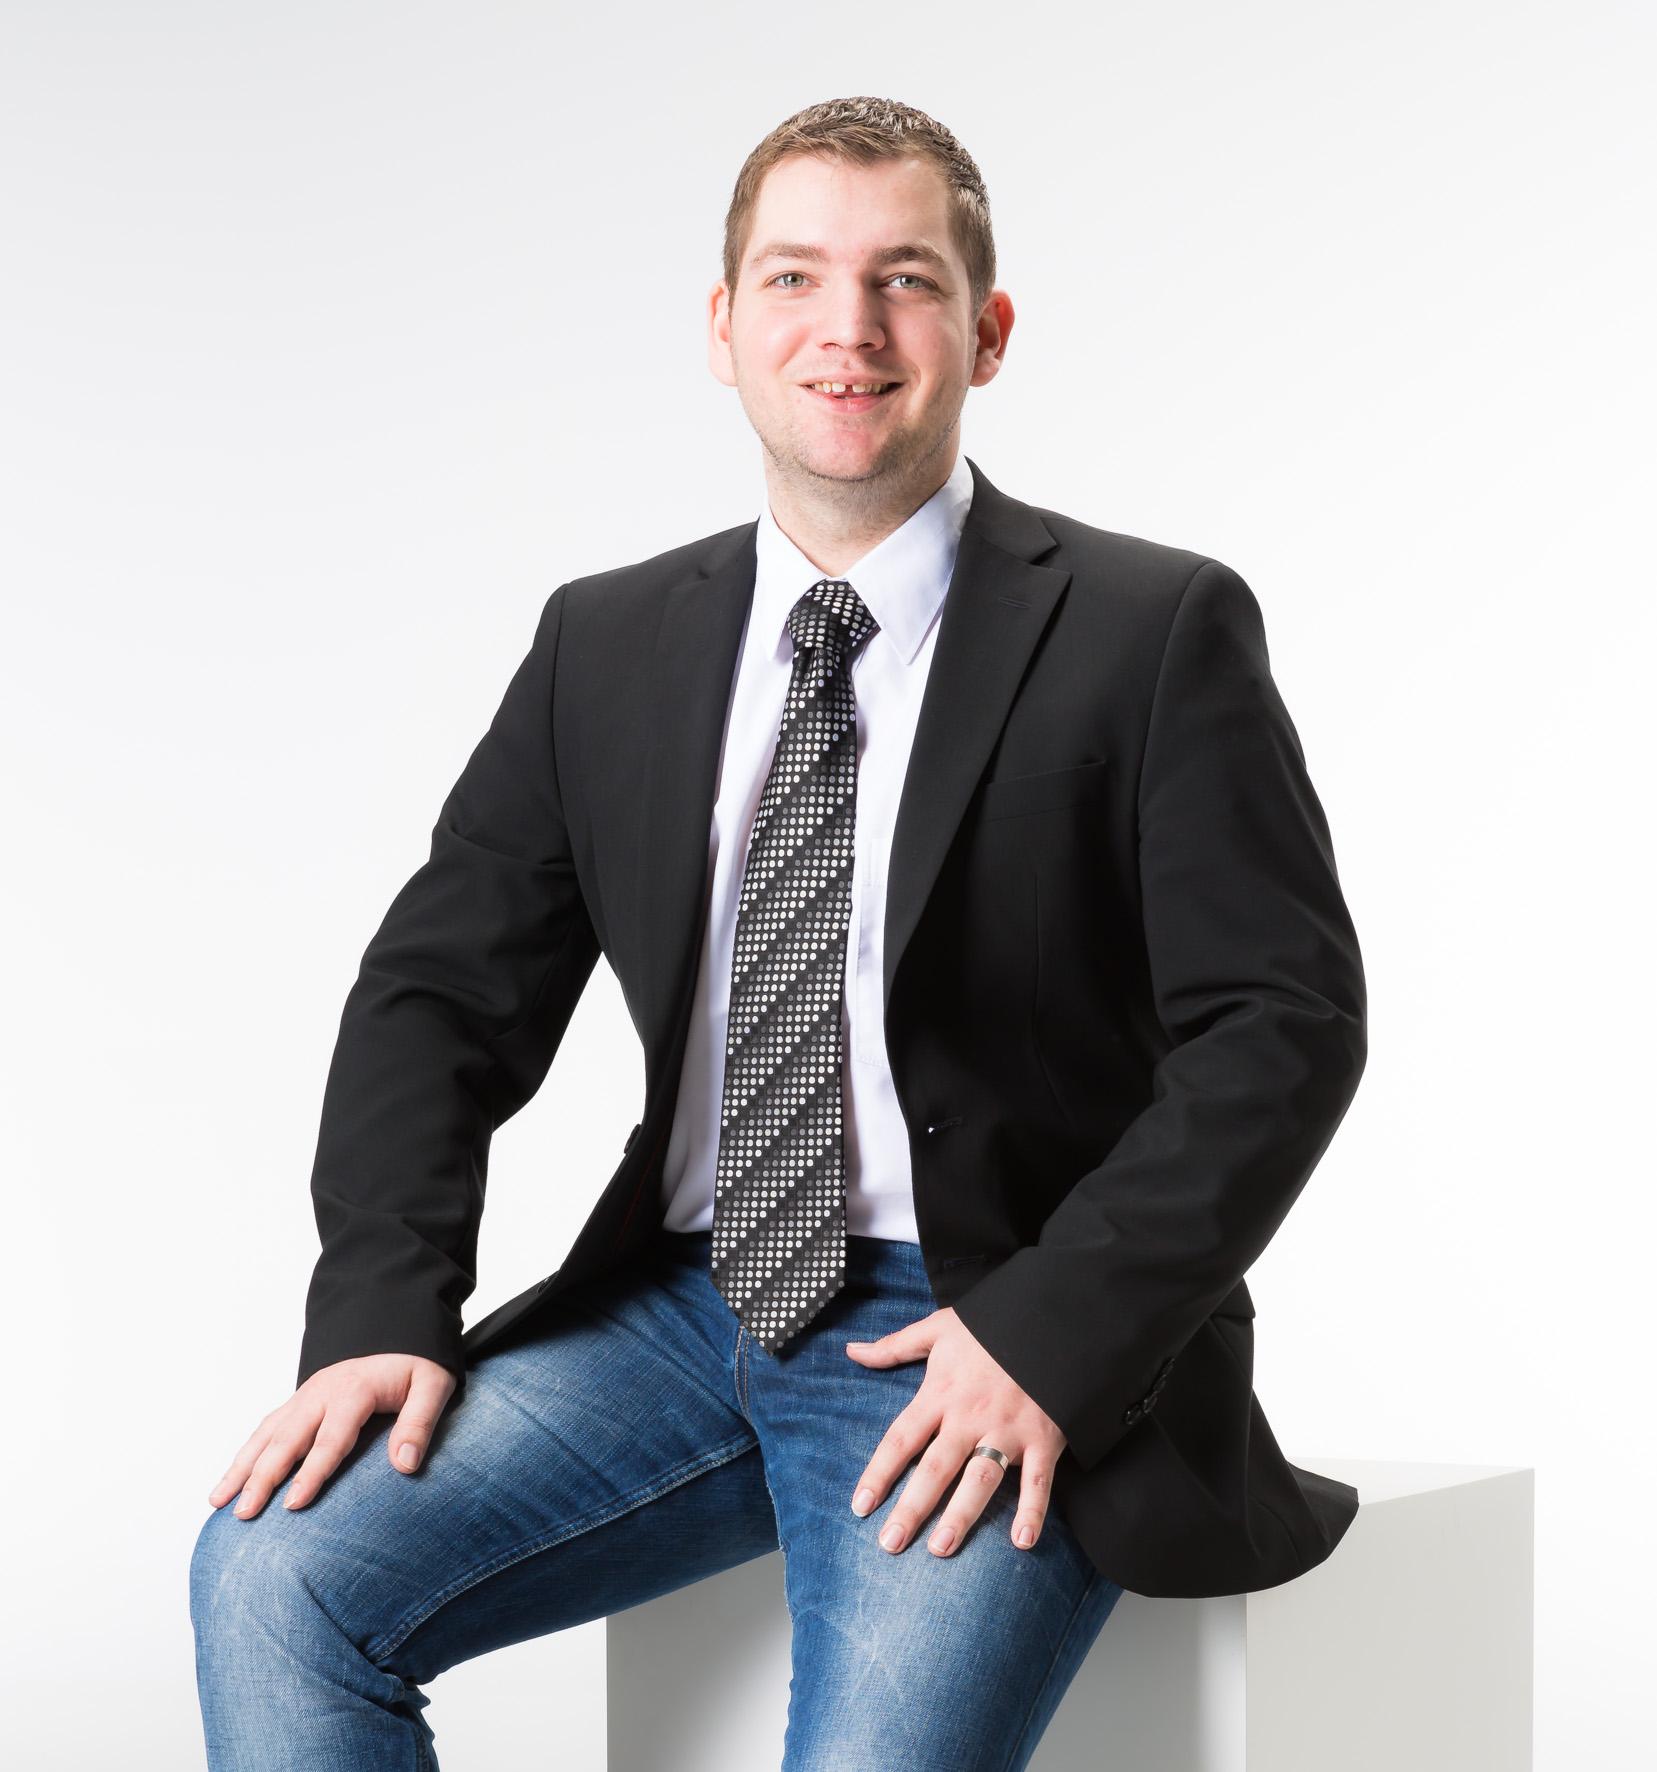 Hansjörg Holzweber vom Versicherungsmakler, Vorsorgespezialist und Kreditmakler B-Quadrat aus Dornbirn (Vorarlberg) stellt sich vor.